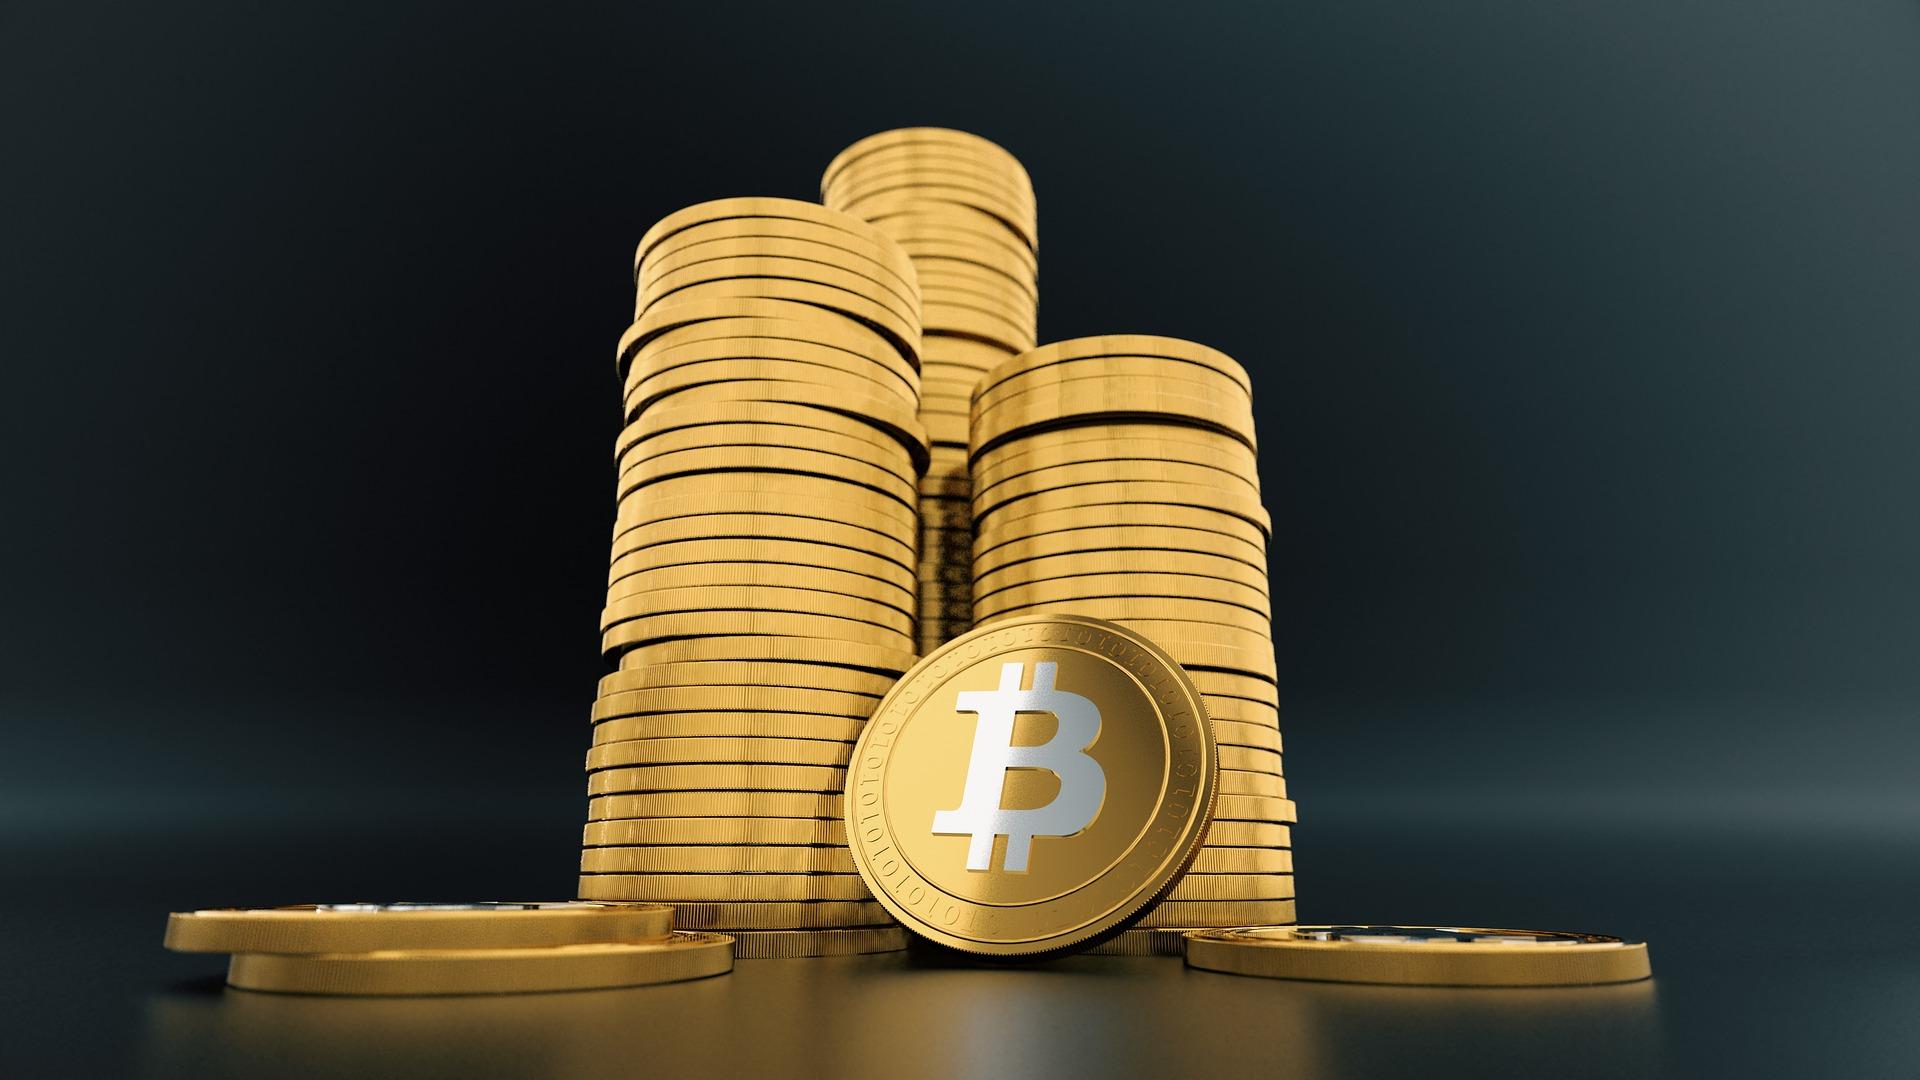 Cum să-mi aduc Bitcoin-ul - Tehnica De Calcul , Despre Admiral Markets